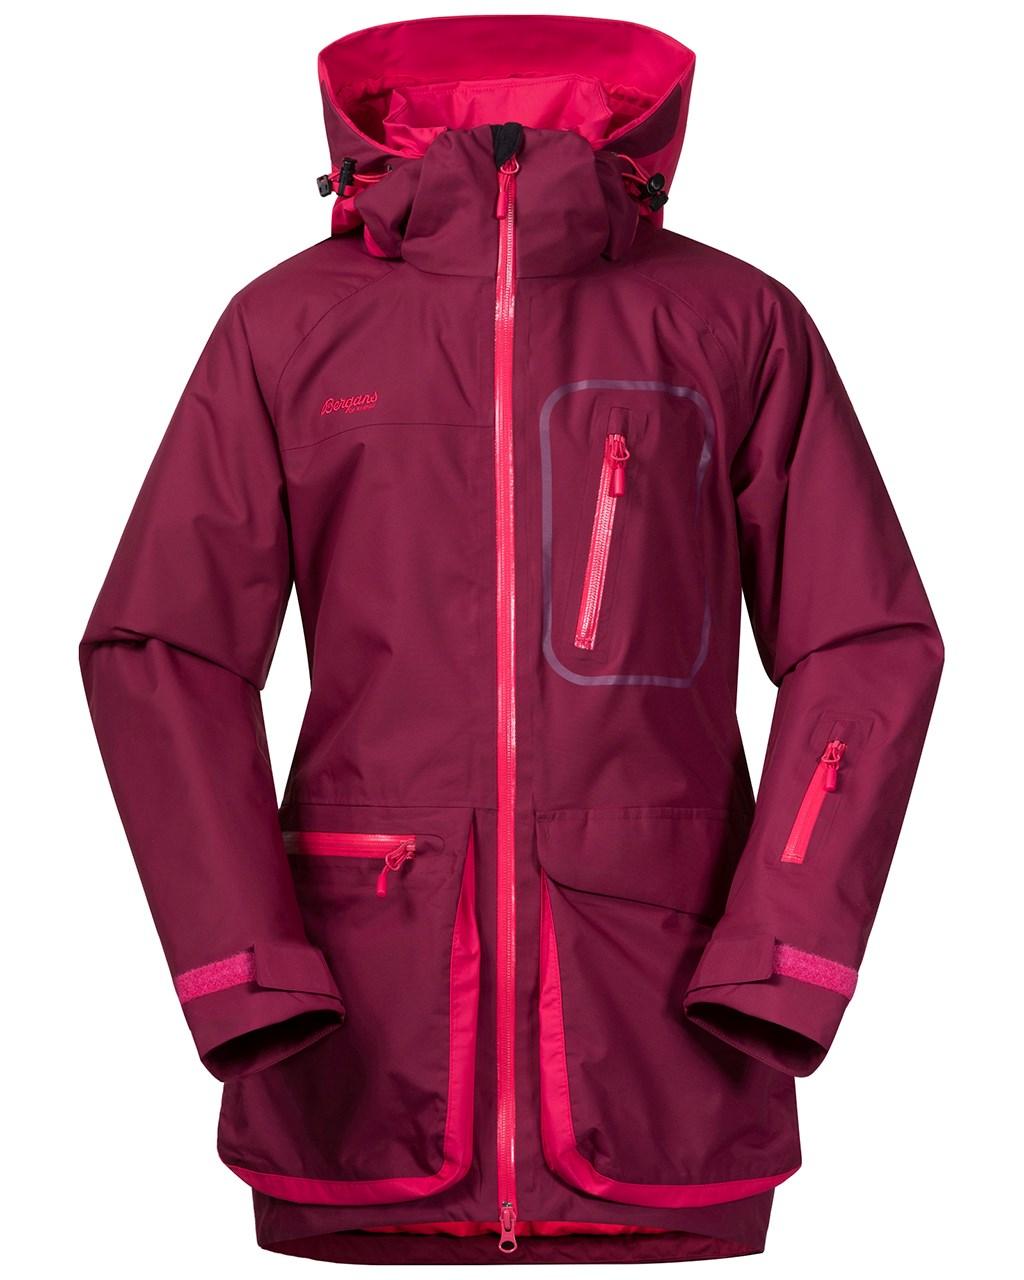 2dd07871d32 Knyken Insulated Youth Jacket Jam/Dk Sorbet